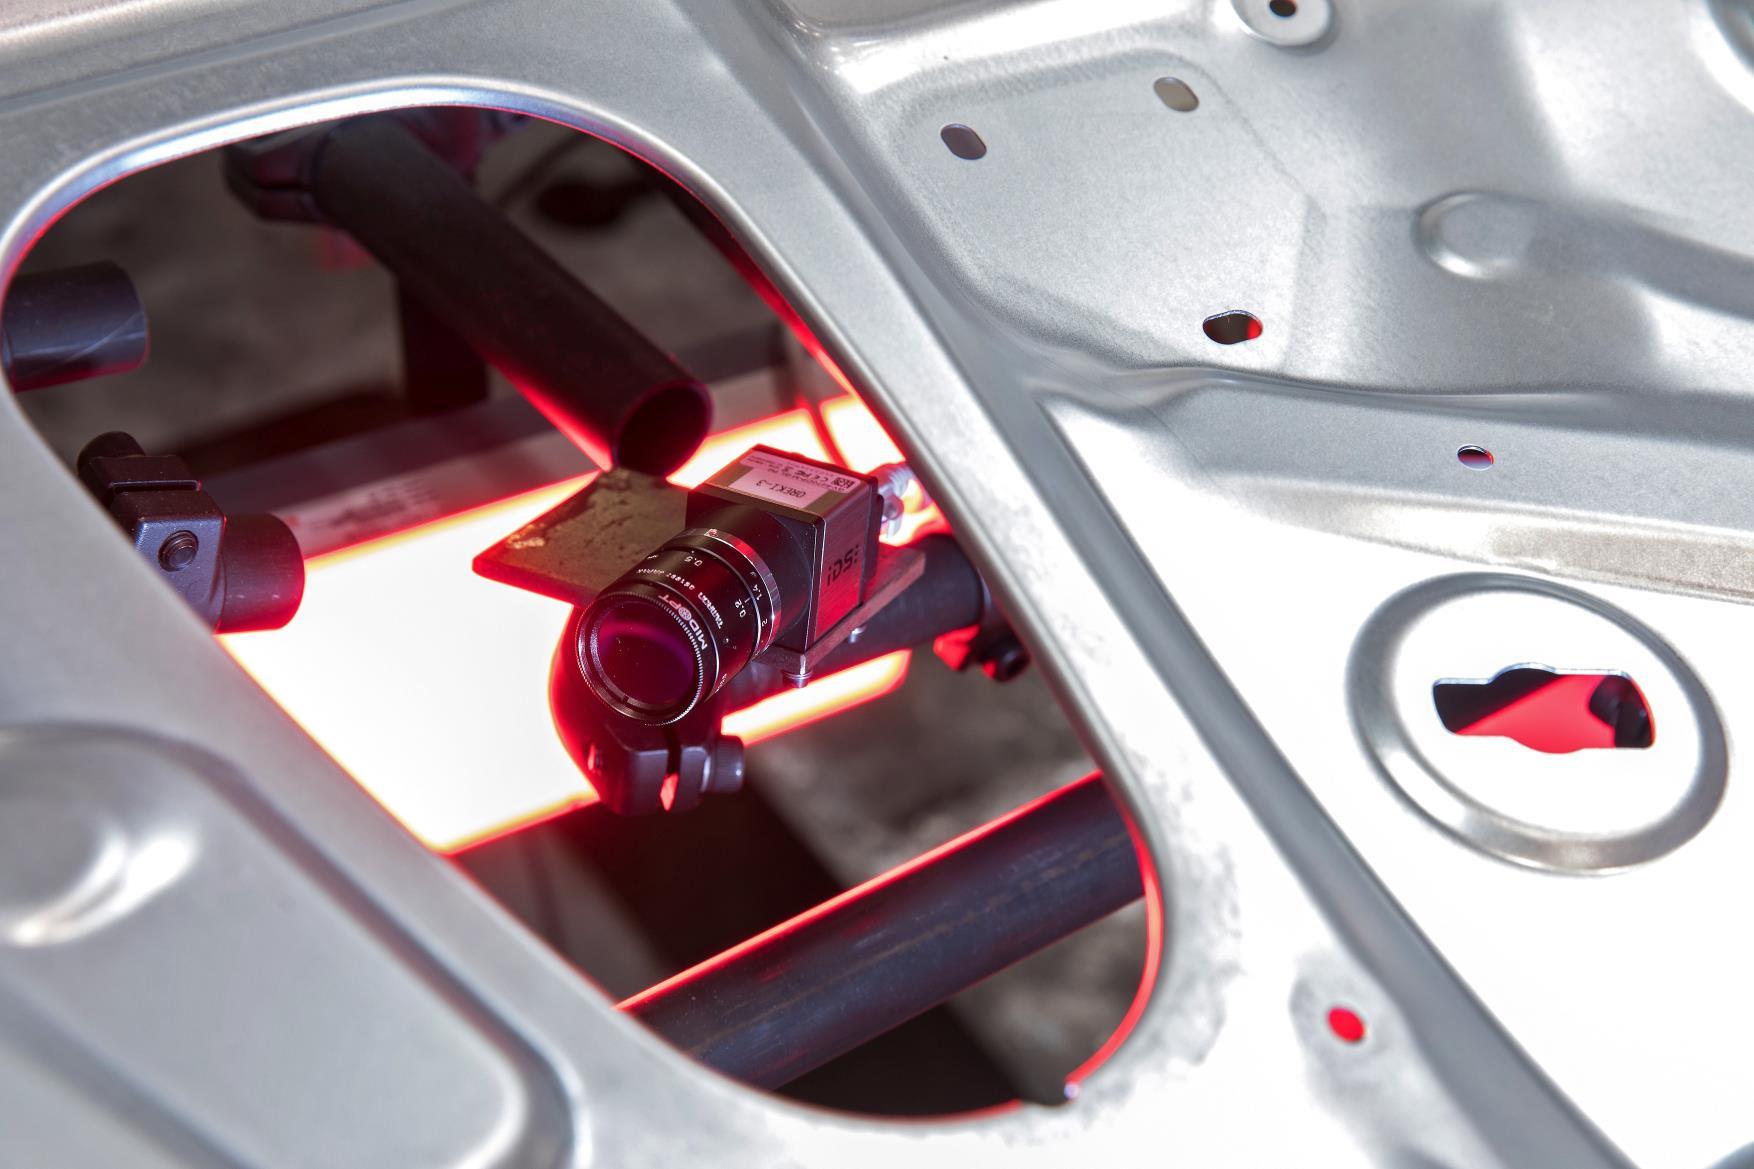 Audi planea aplicar la tecnología de aprendizaje automático de máquinas (ML) a la producción en serie